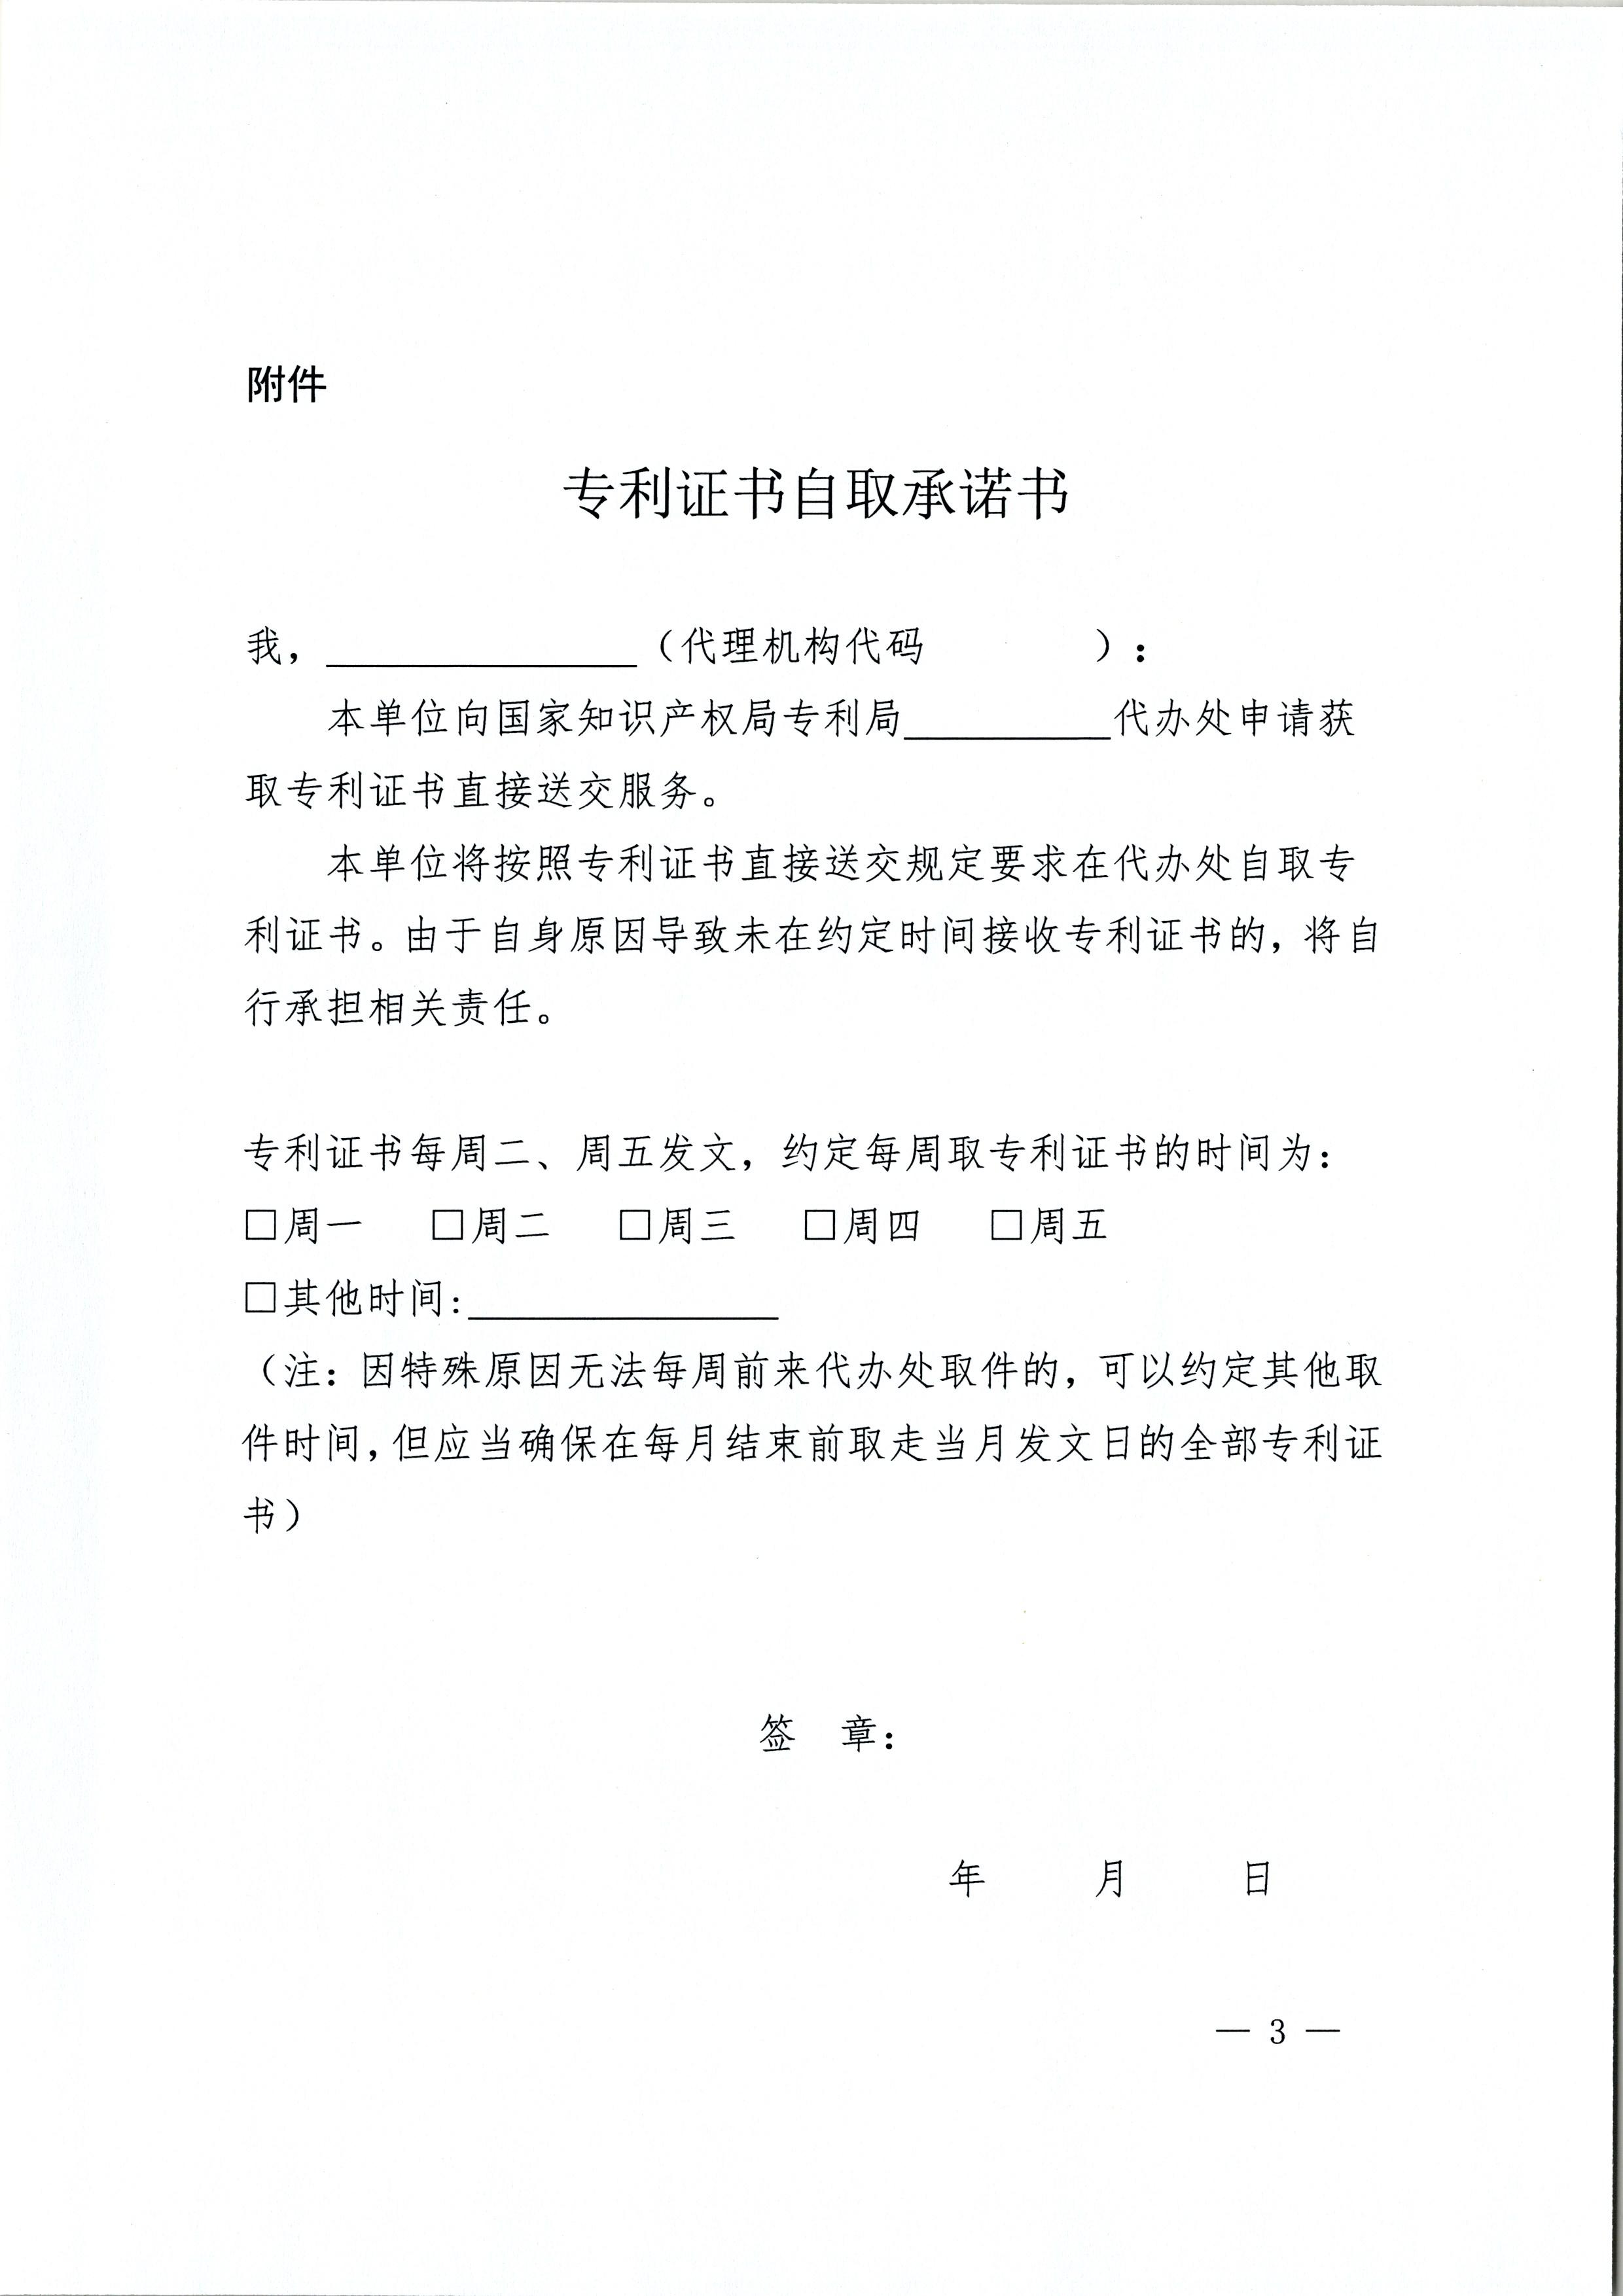 2020.1.1起!专利代理机构自取专利证书